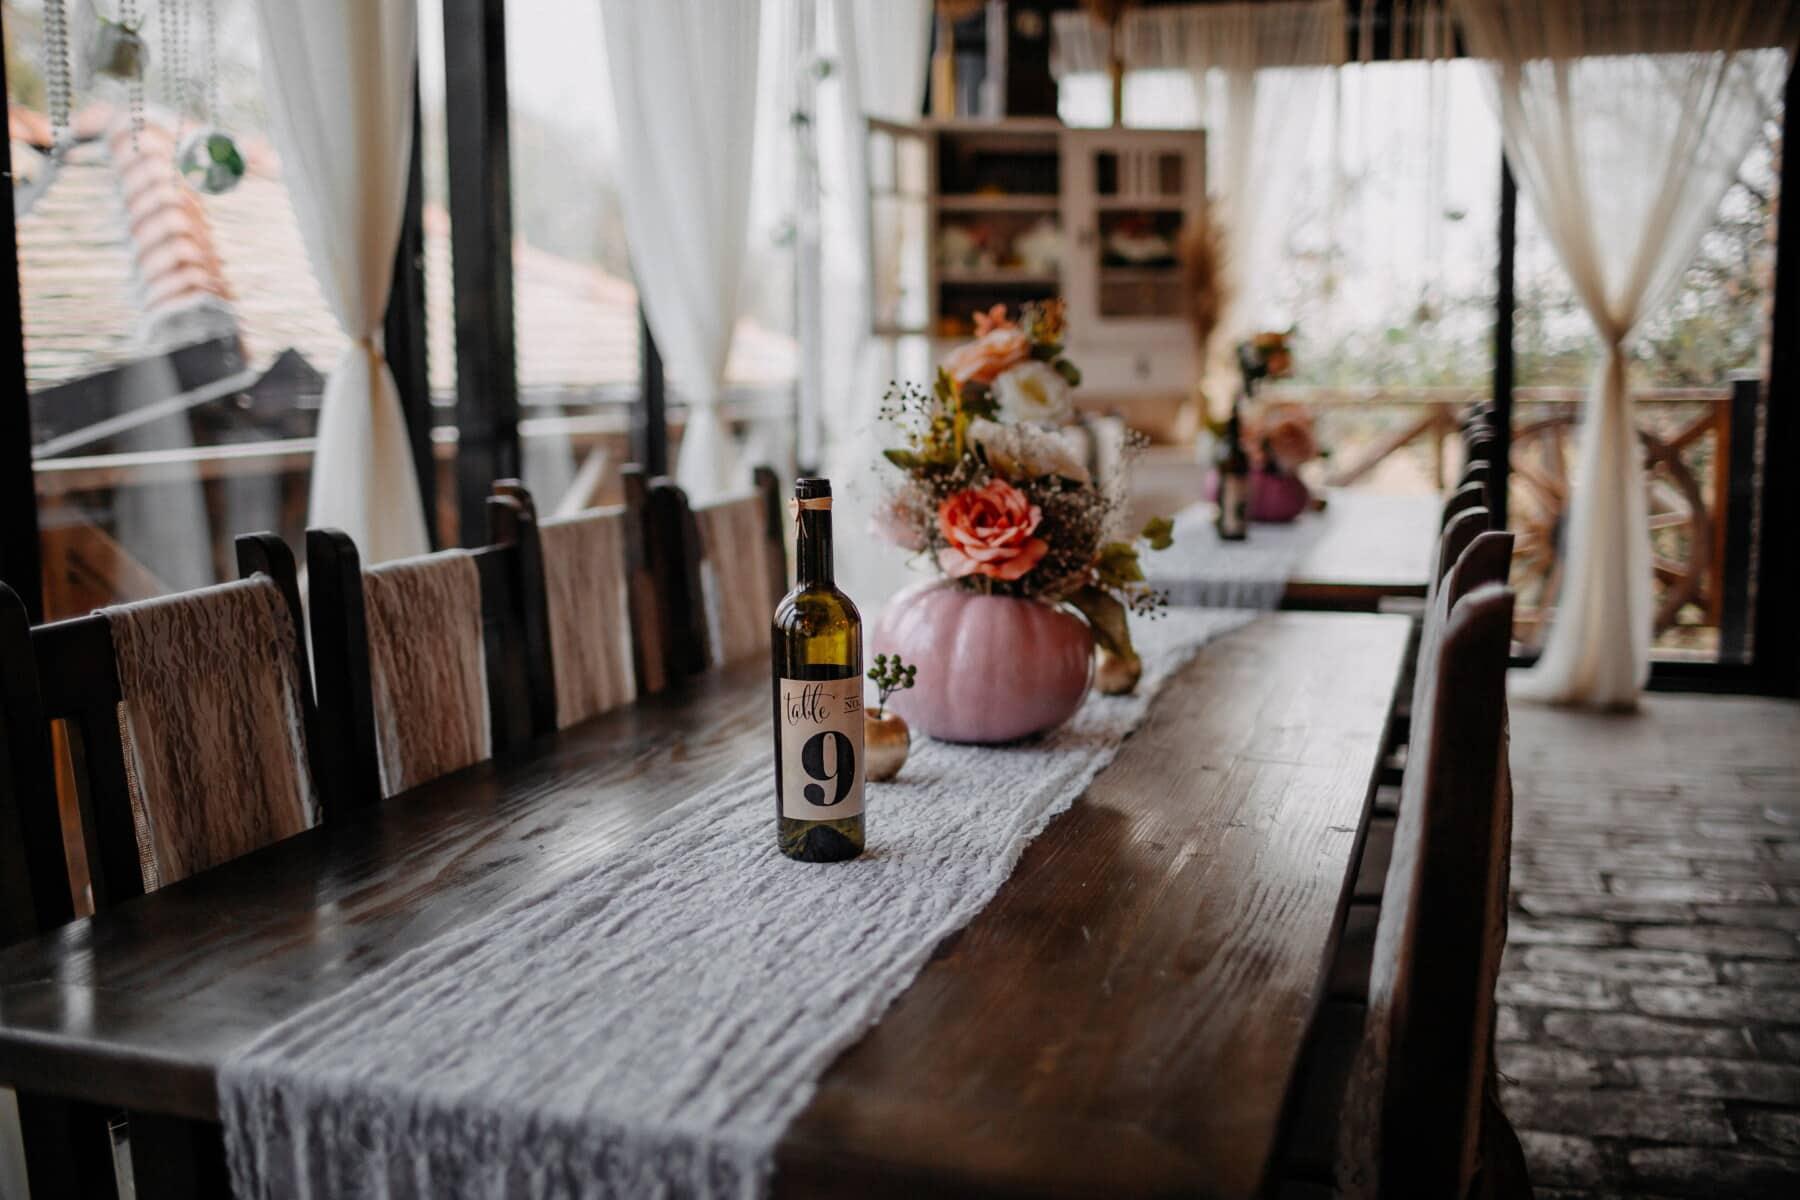 cantina, decoraţiuni interioare, restaurantul, Vintage, scaune, masa, sticla, vin rosu, lemn, mobilier